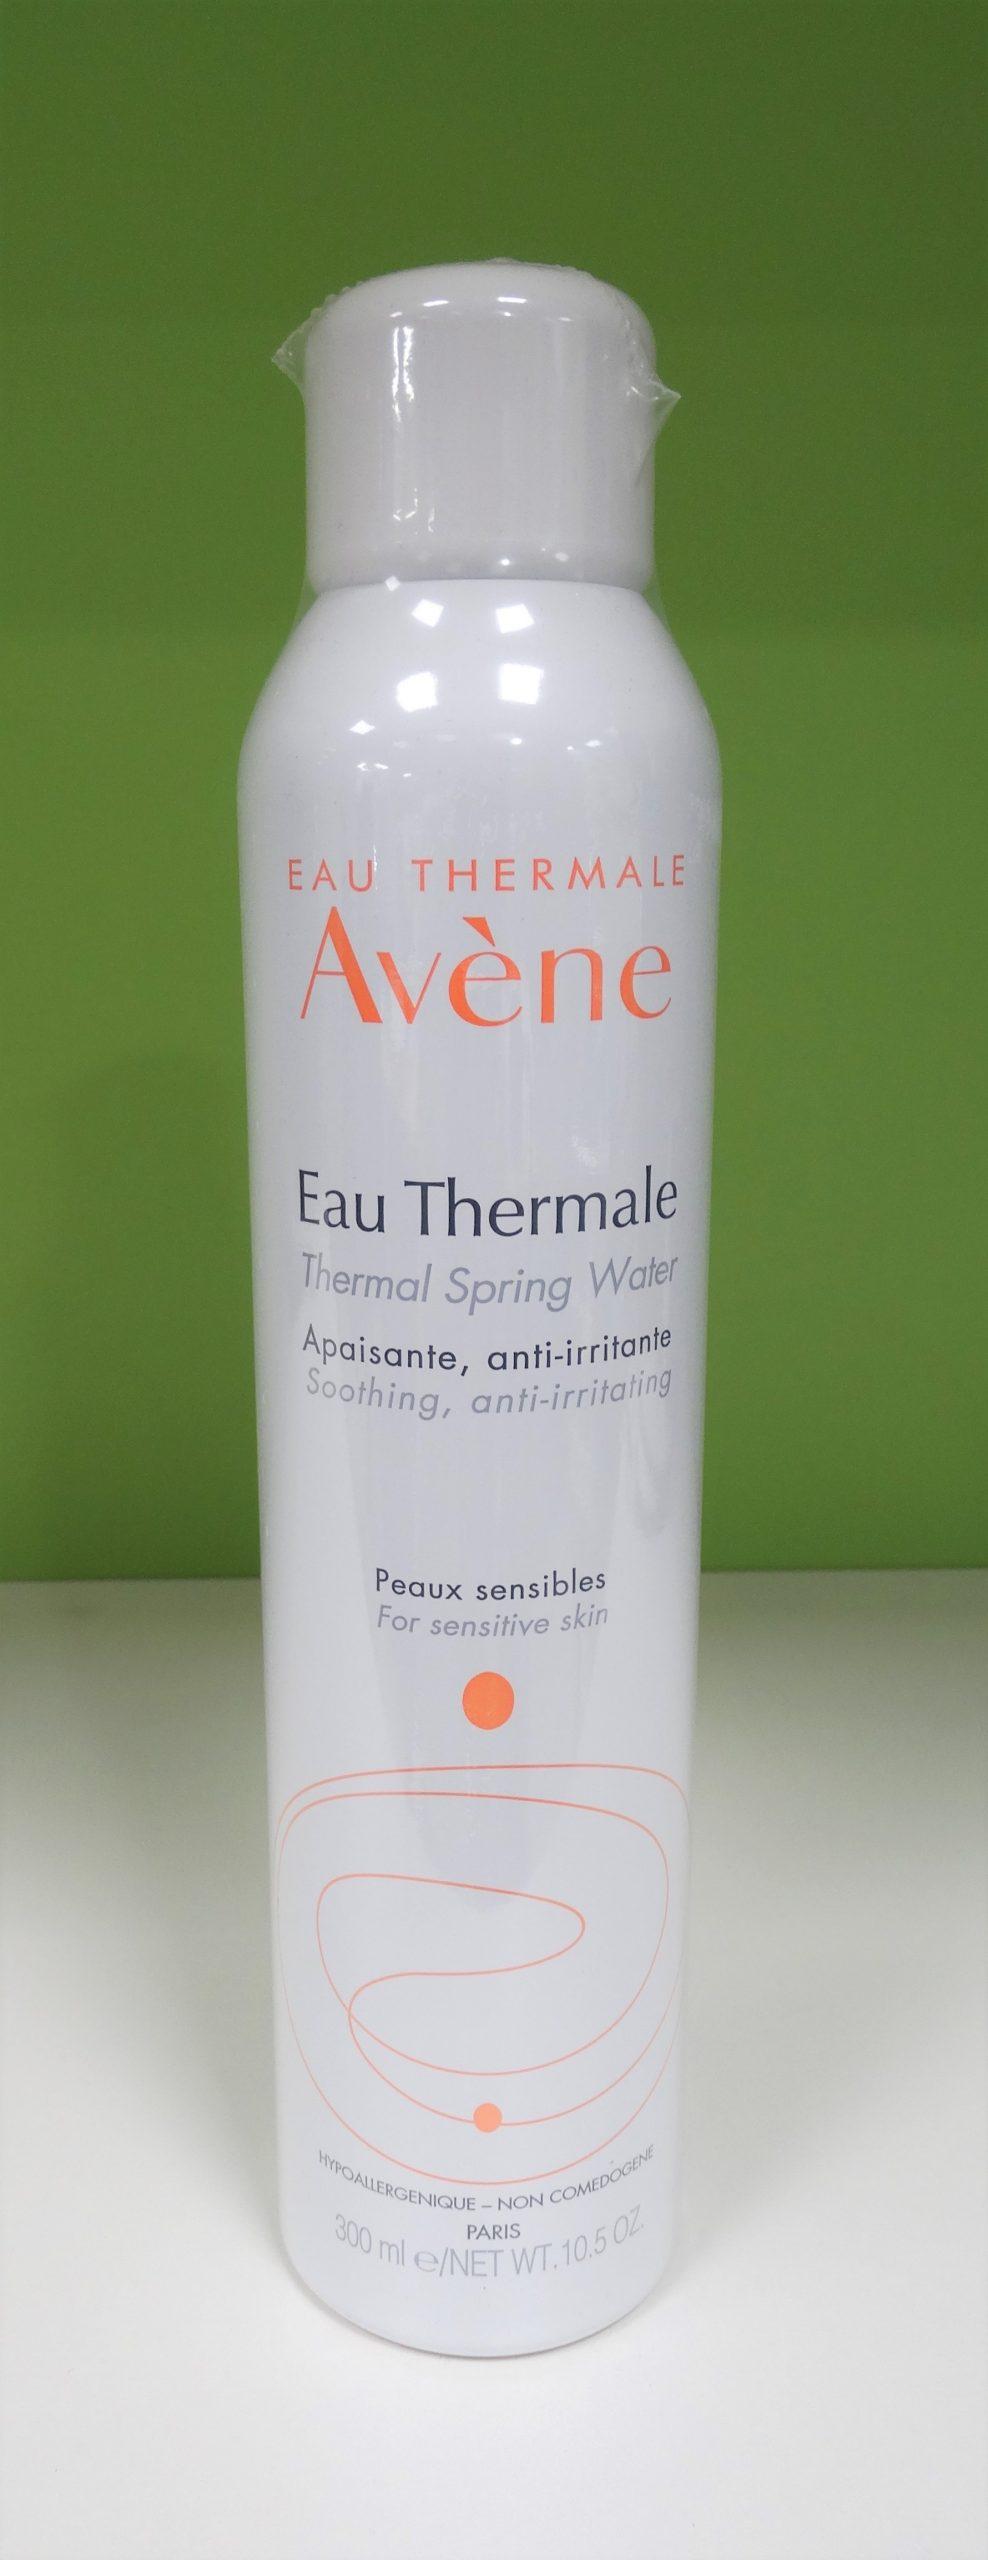 SPRAY AGUA TERMAL DE AVÈNE Extraída directamente del Manantial, el Agua termal de Avène conserva intactas todas sus propiedades calmantes, desensibilizantes y suavizantes